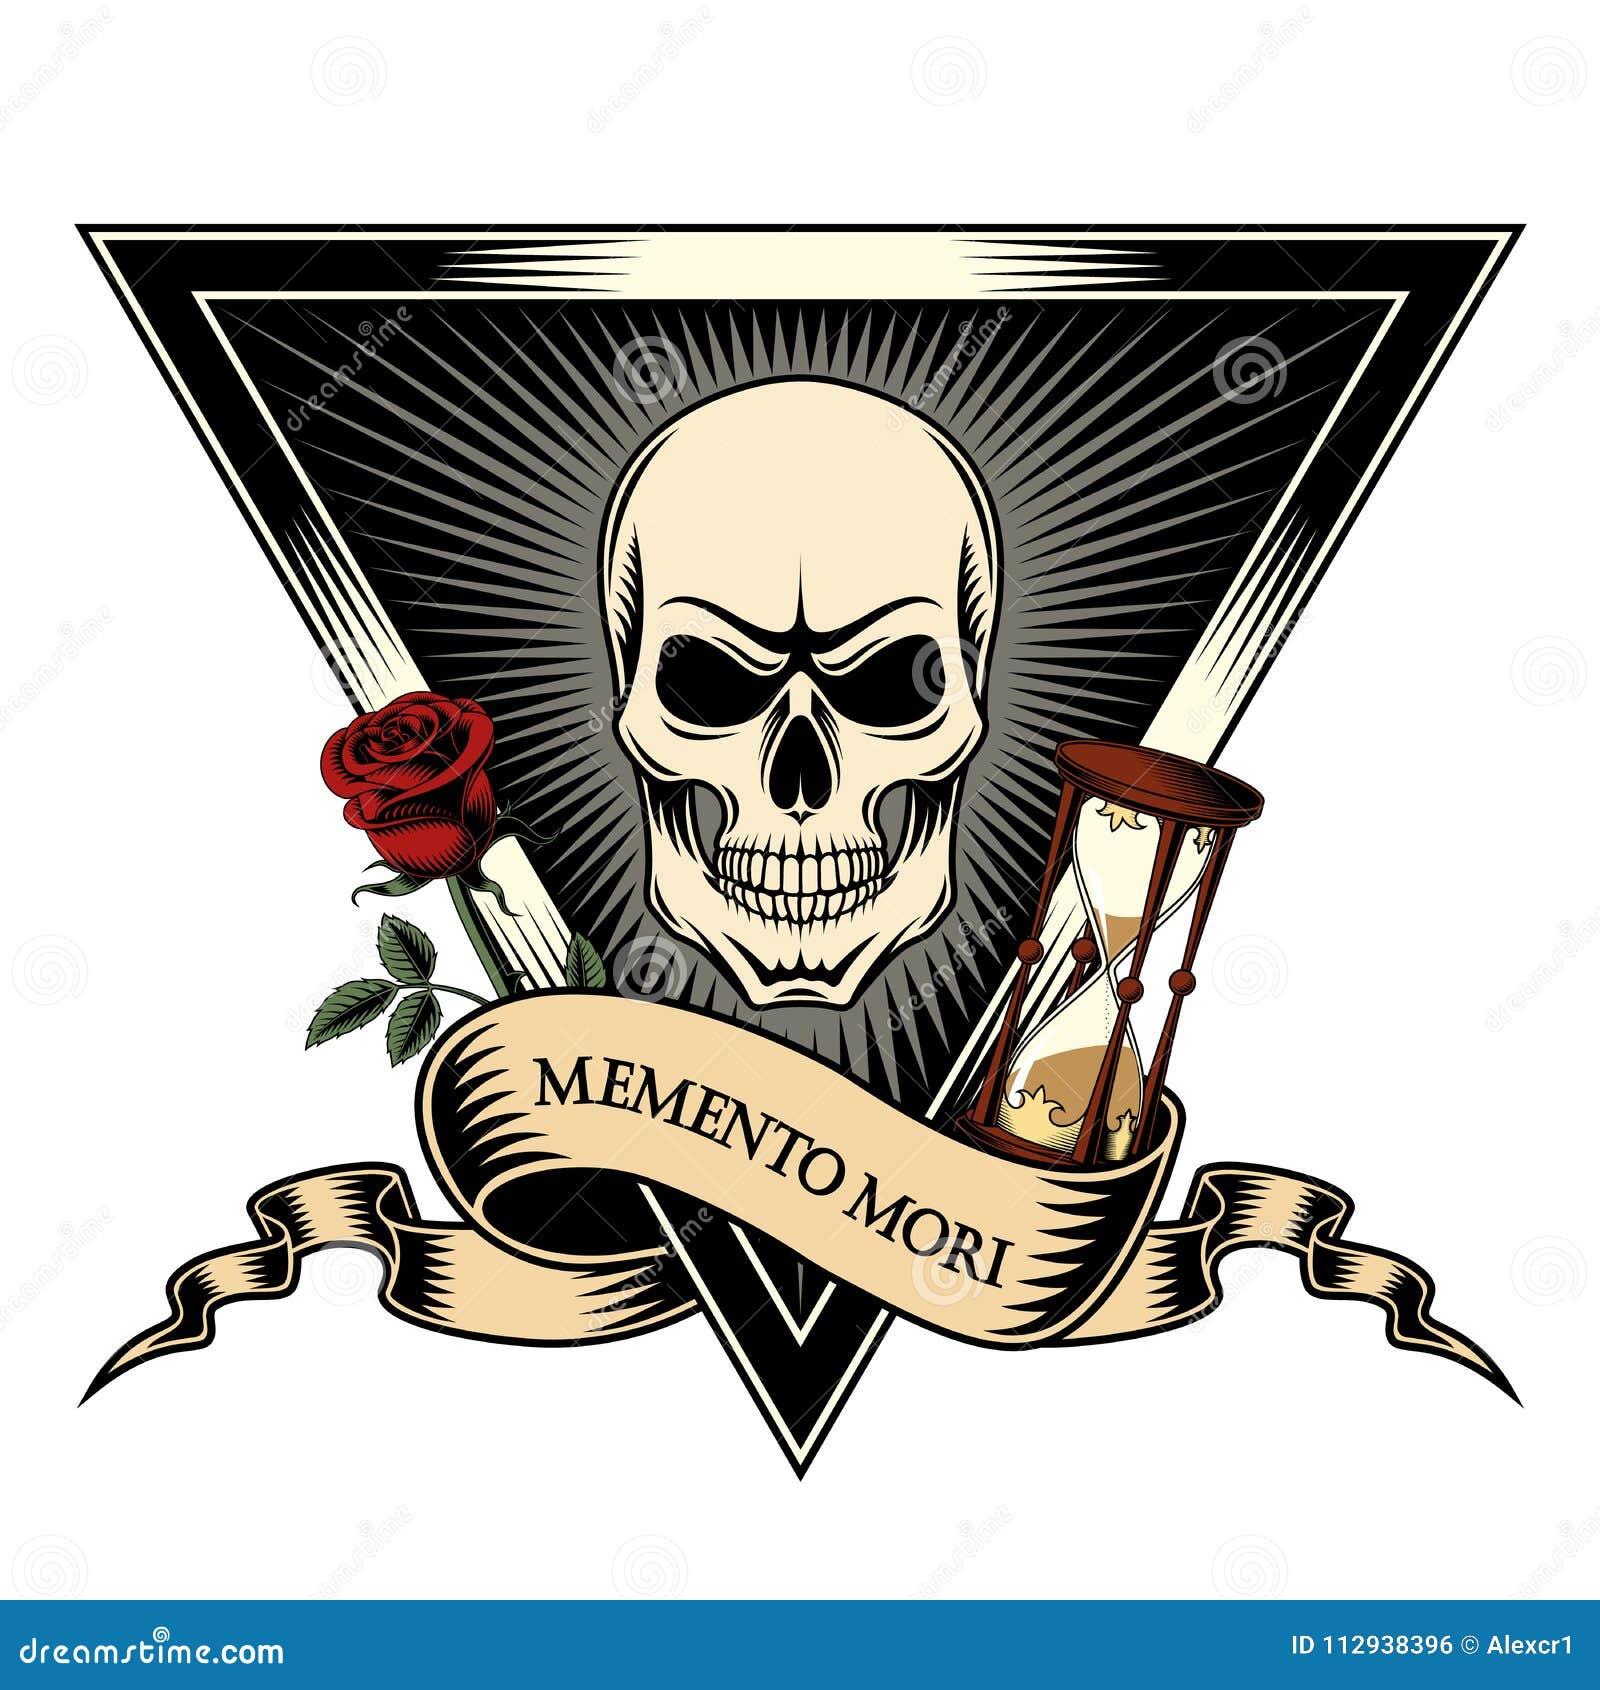 Mori memento Memento Mori